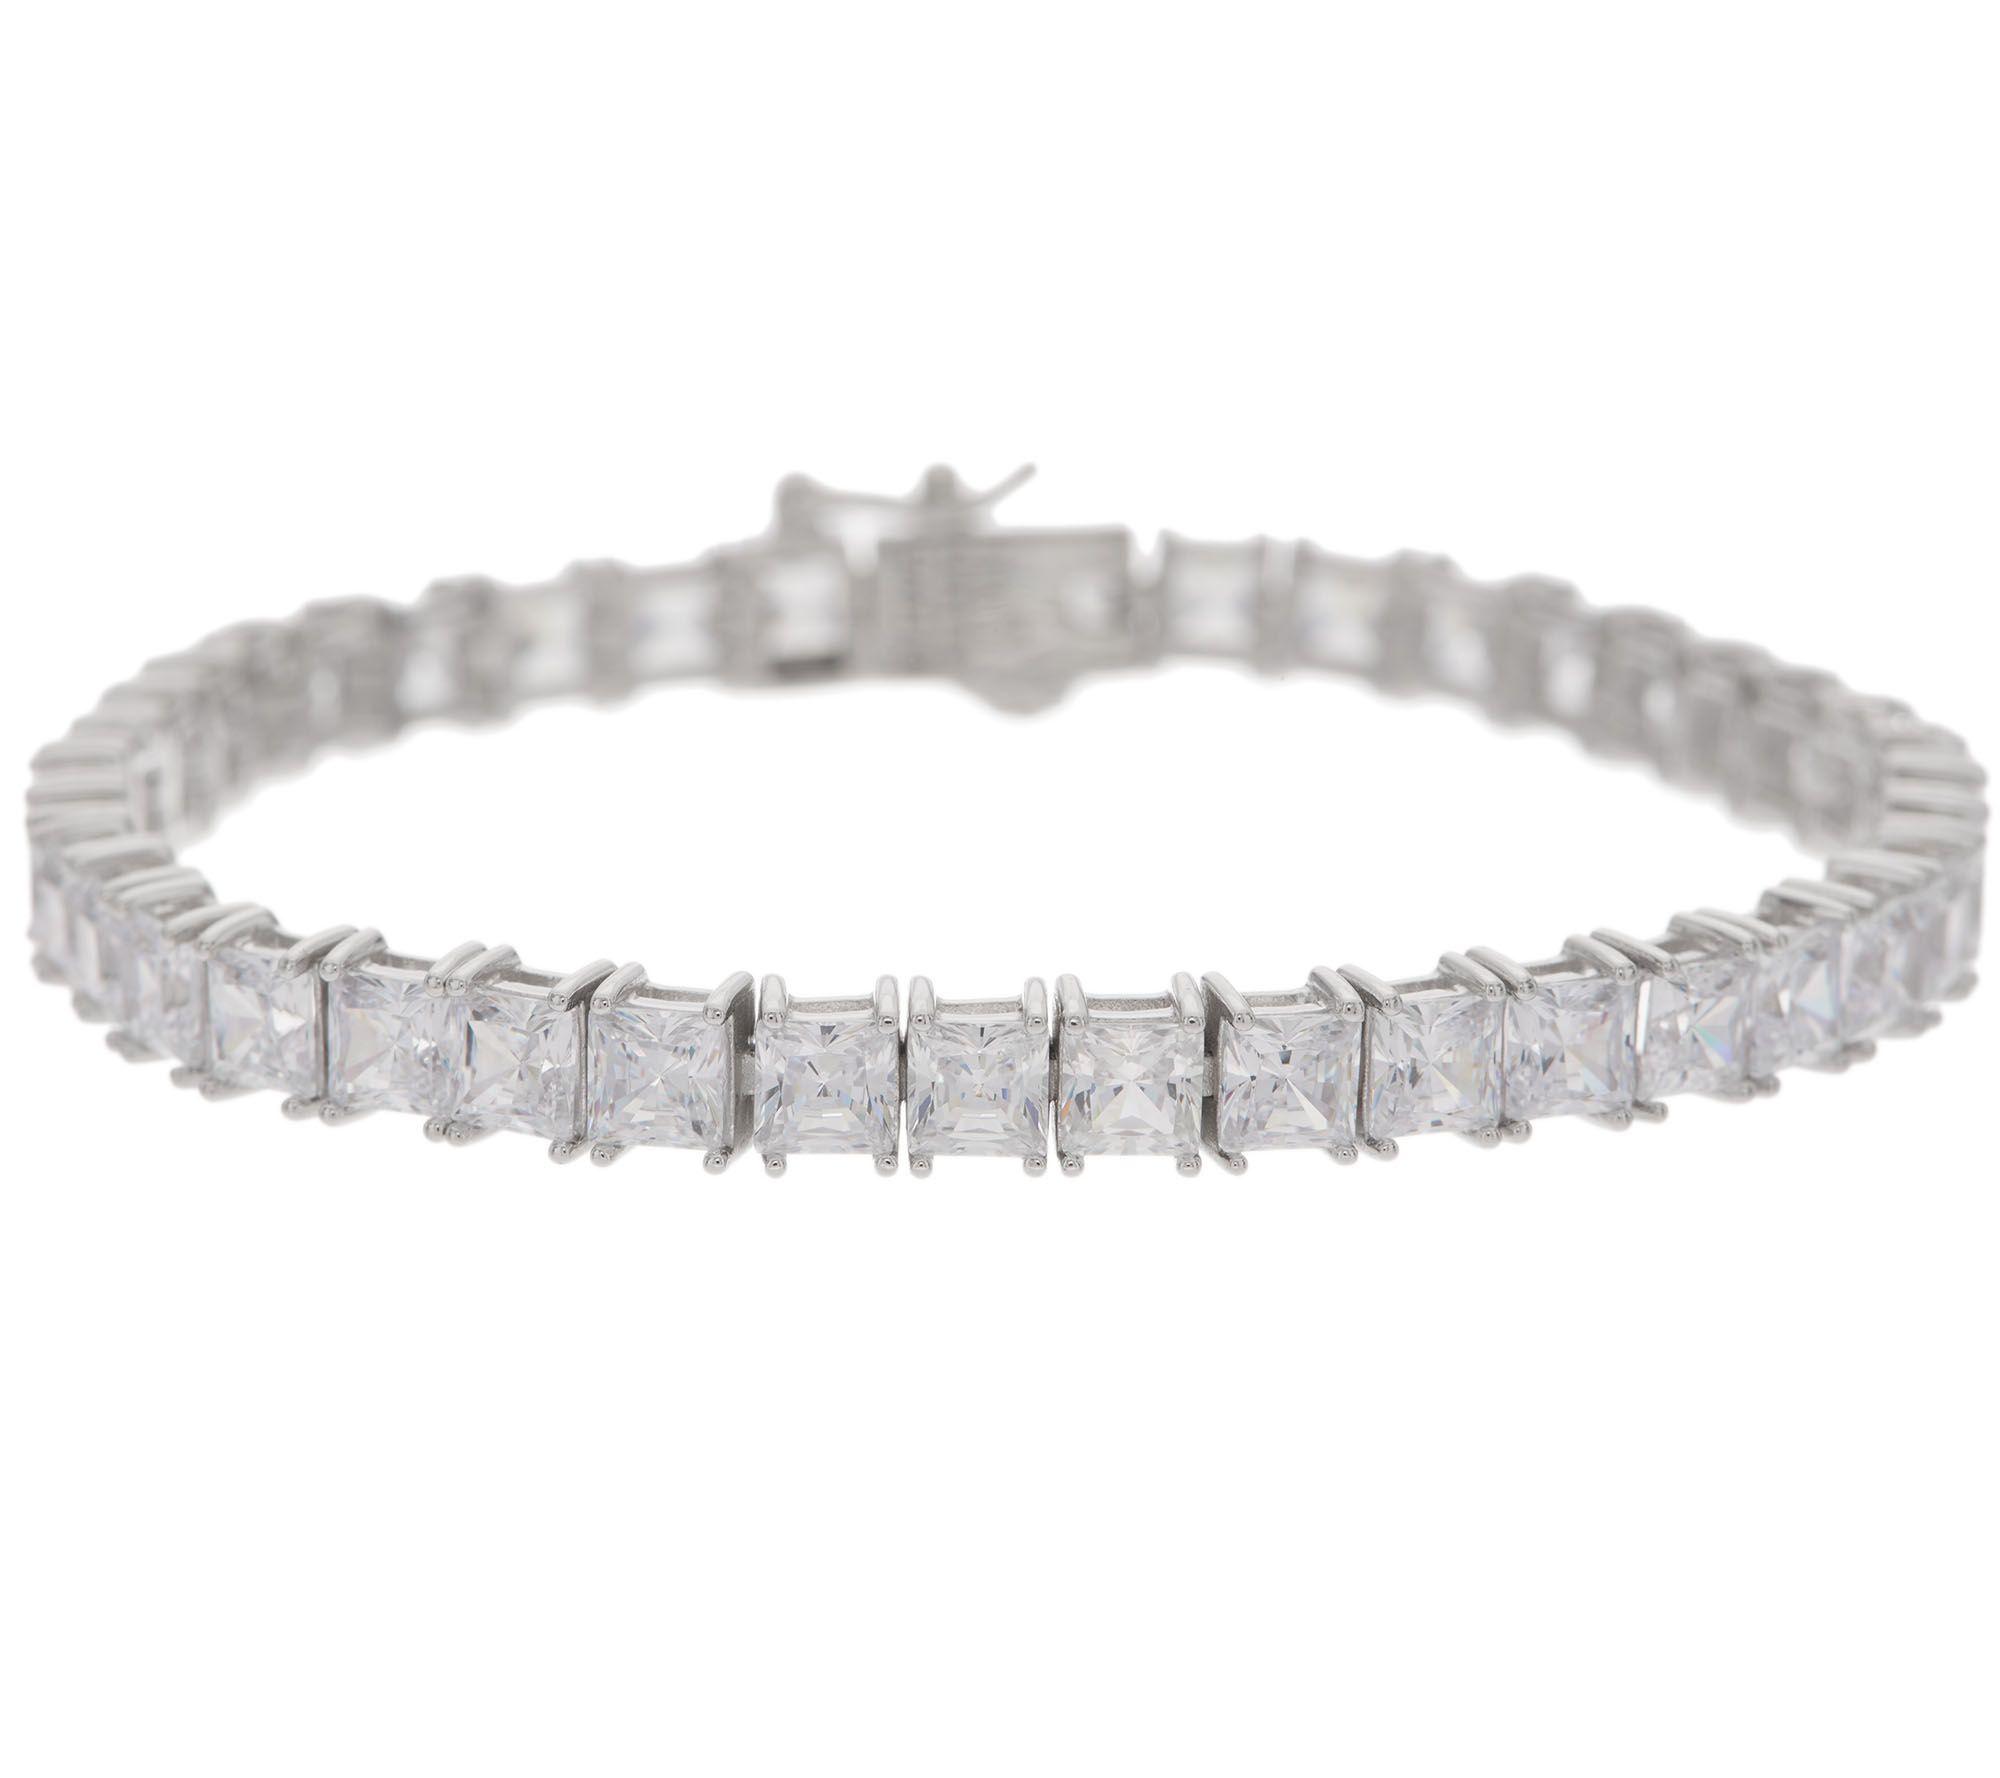 Diamonique Choice of Cut Tennis Bracelet Platinum Clad - Page 1 — QVC.com